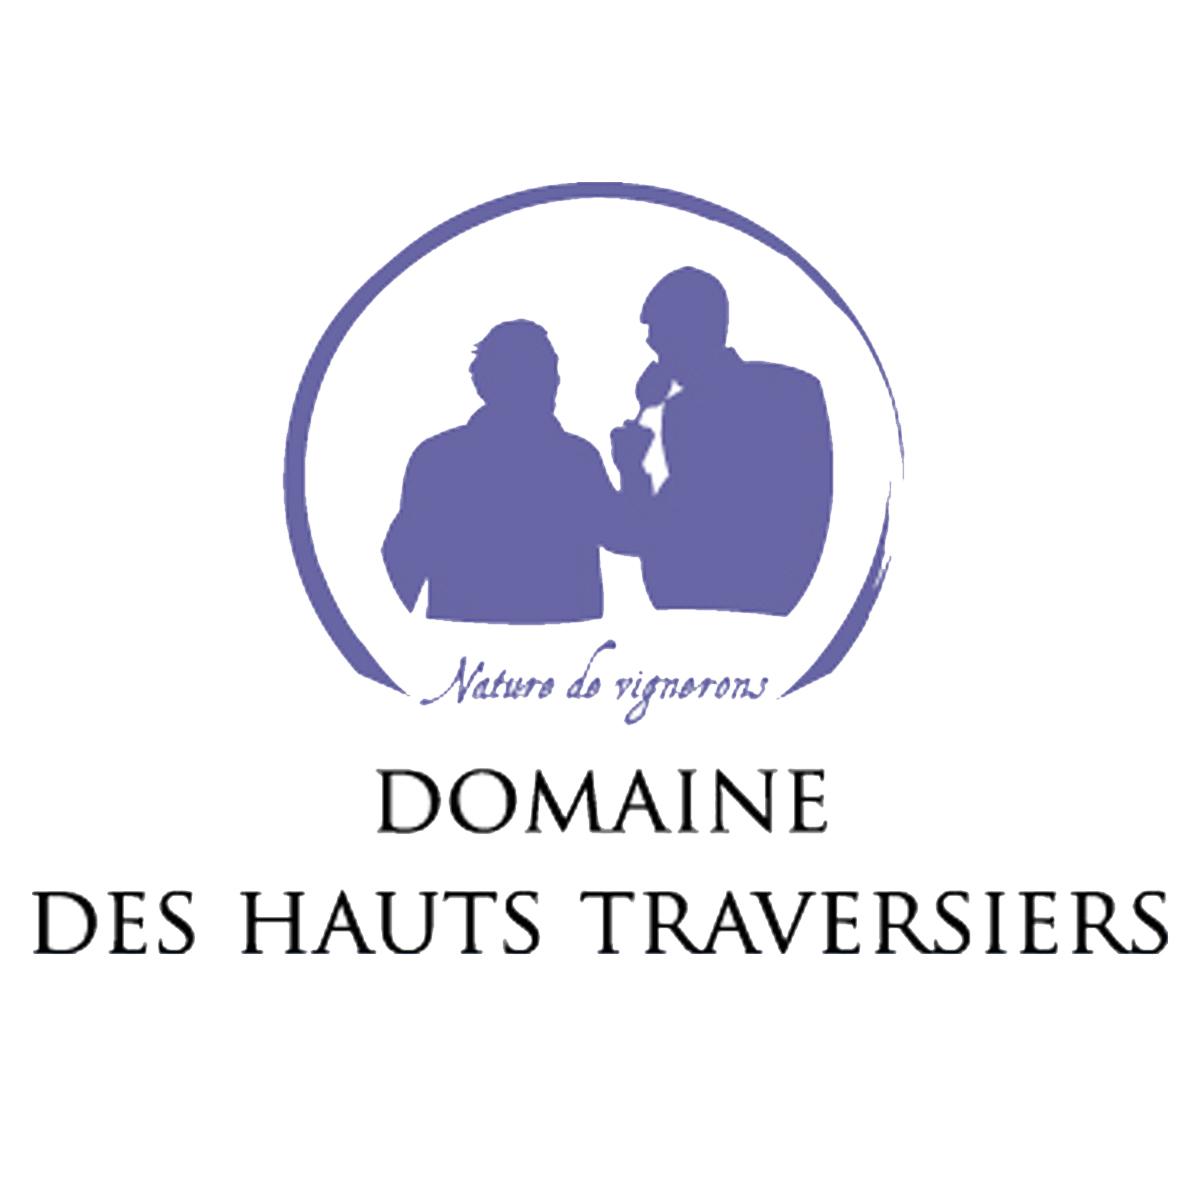 DOMAINE DES HAUTS TRAVERSIERS